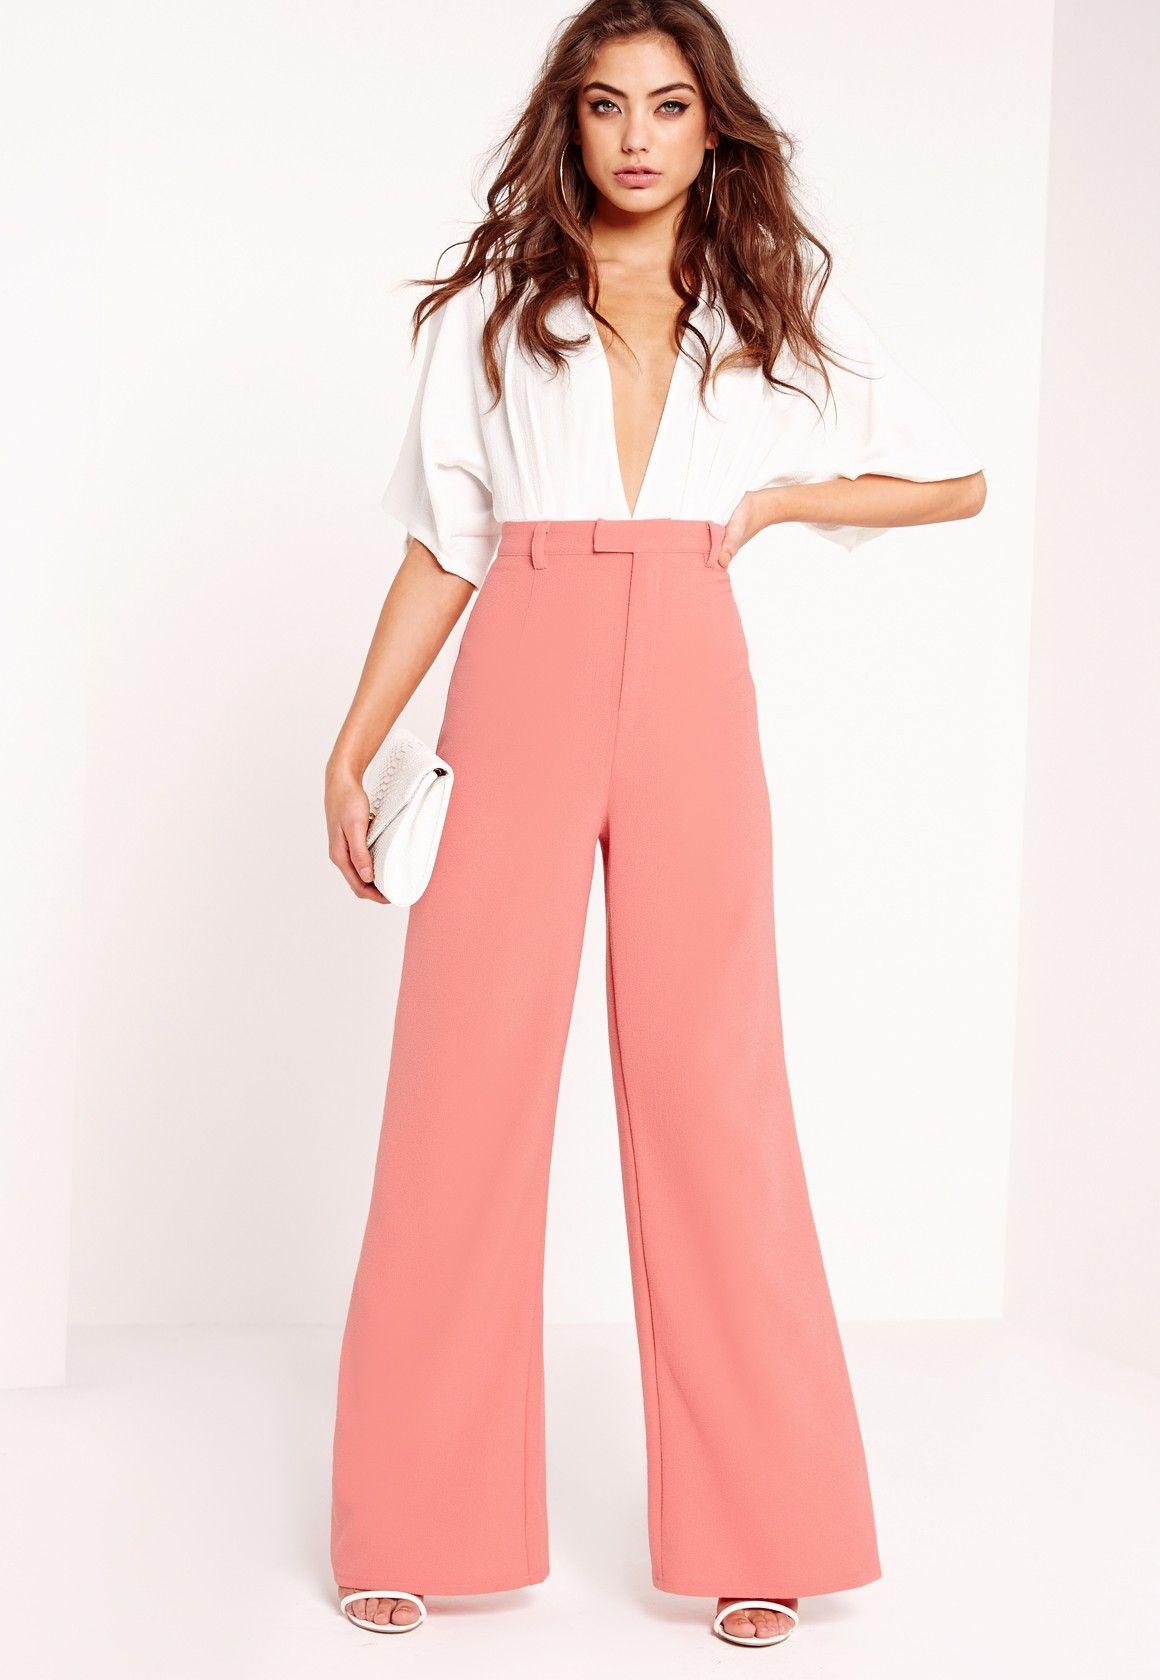 Missguided - Petite Premium Crepe Wide Leg Pants Pink   want ... 2ddfc25fd96d